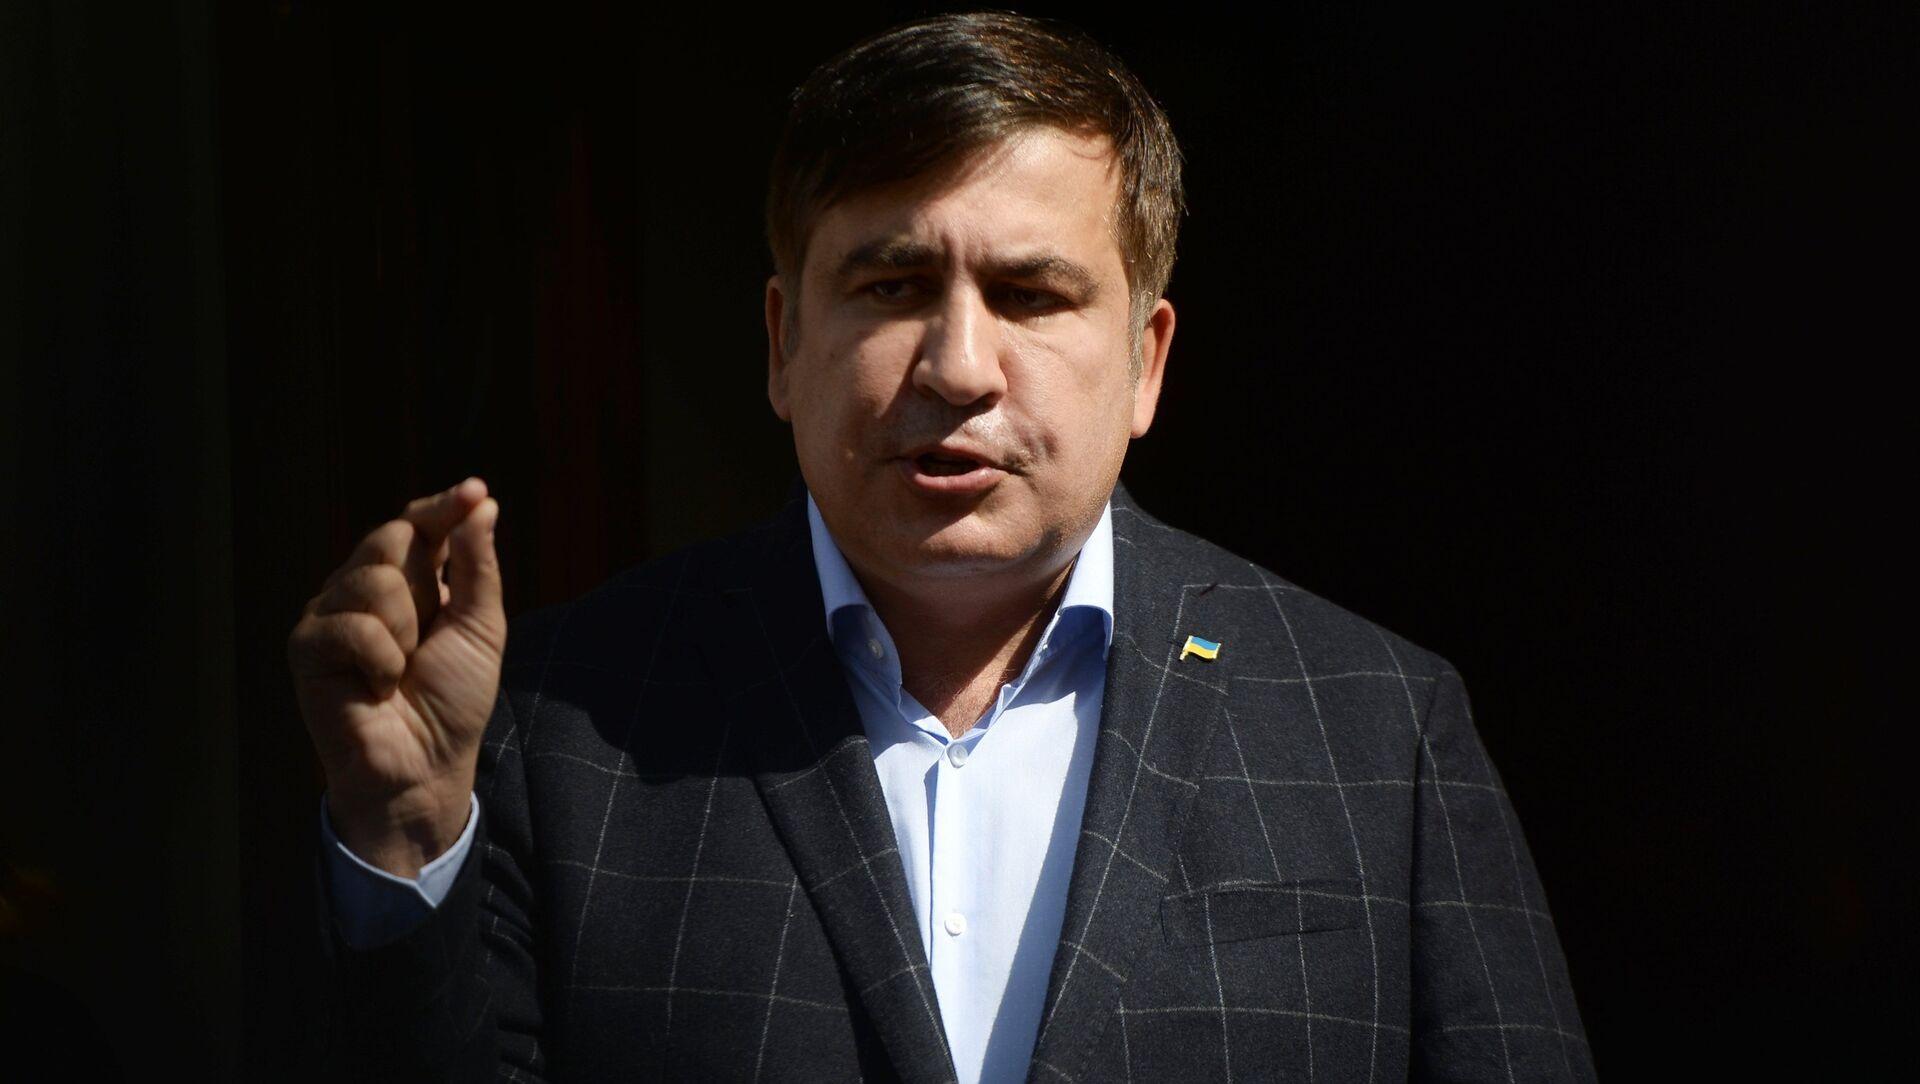 Бывший президент Грузии, экс-губернатор Одесской области Михаил Саакашвили - Sputnik Аҧсны, 1920, 01.10.2021